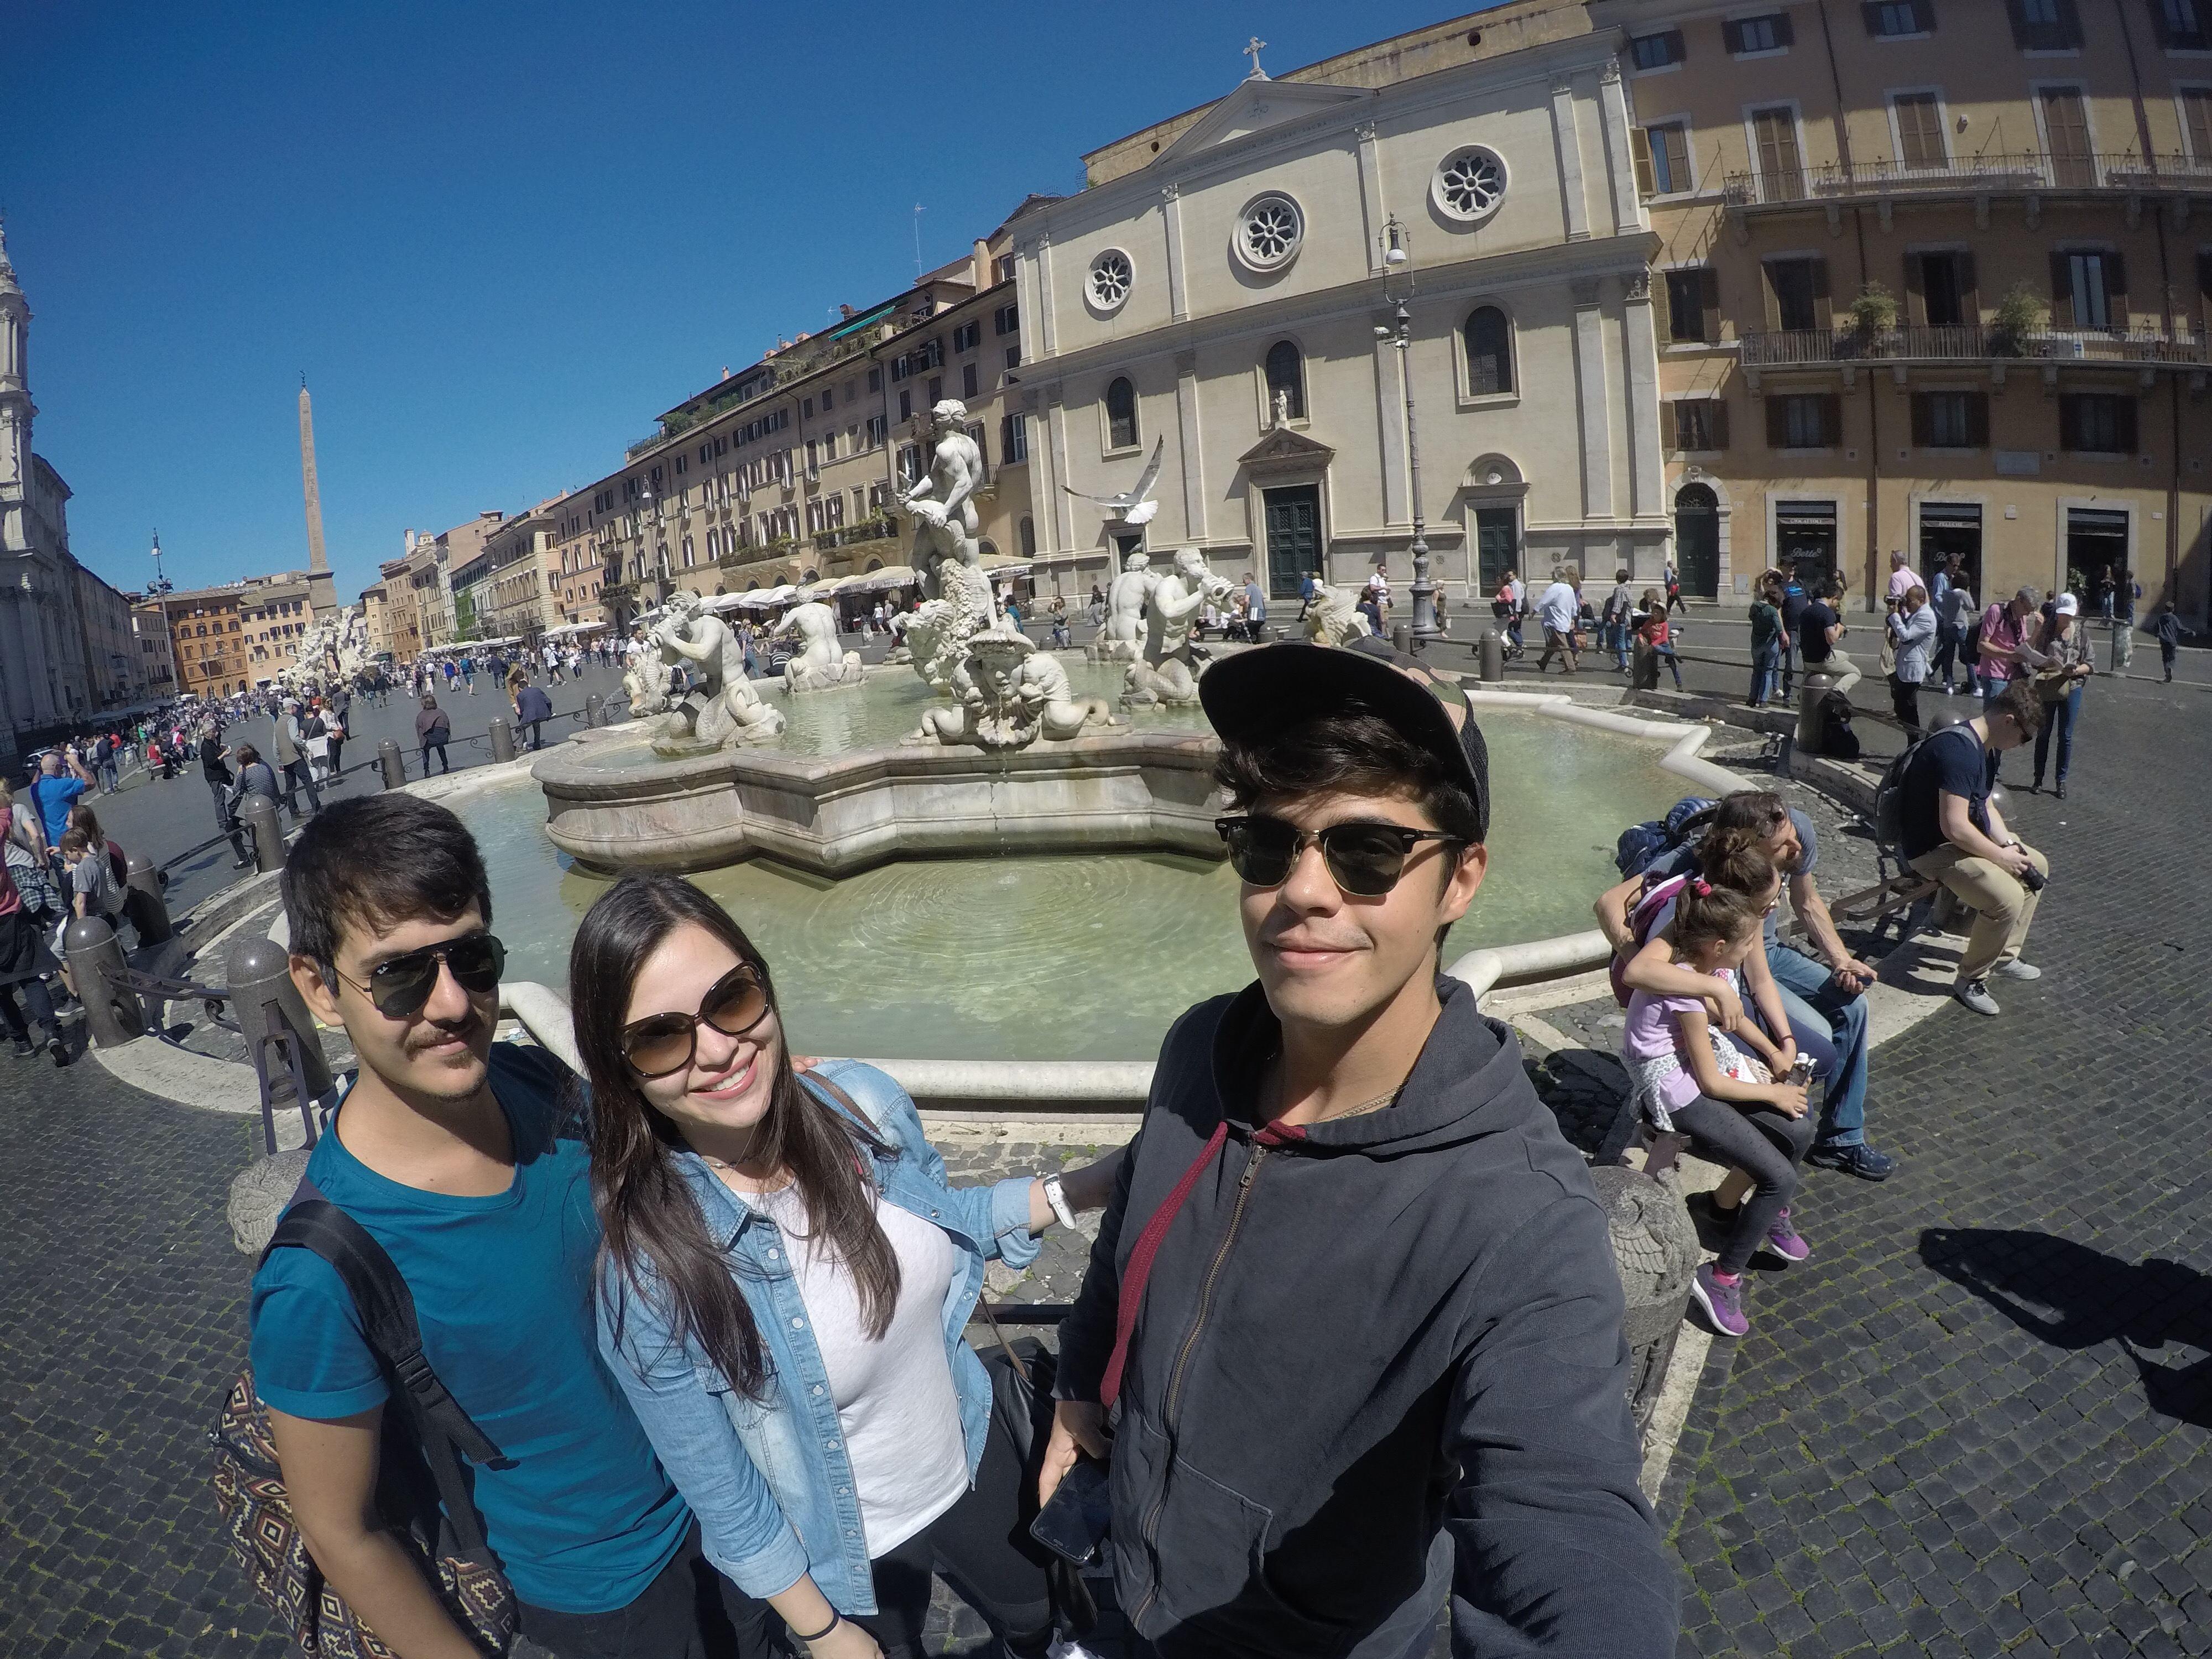 fonte-piazza-navona-roma-italia